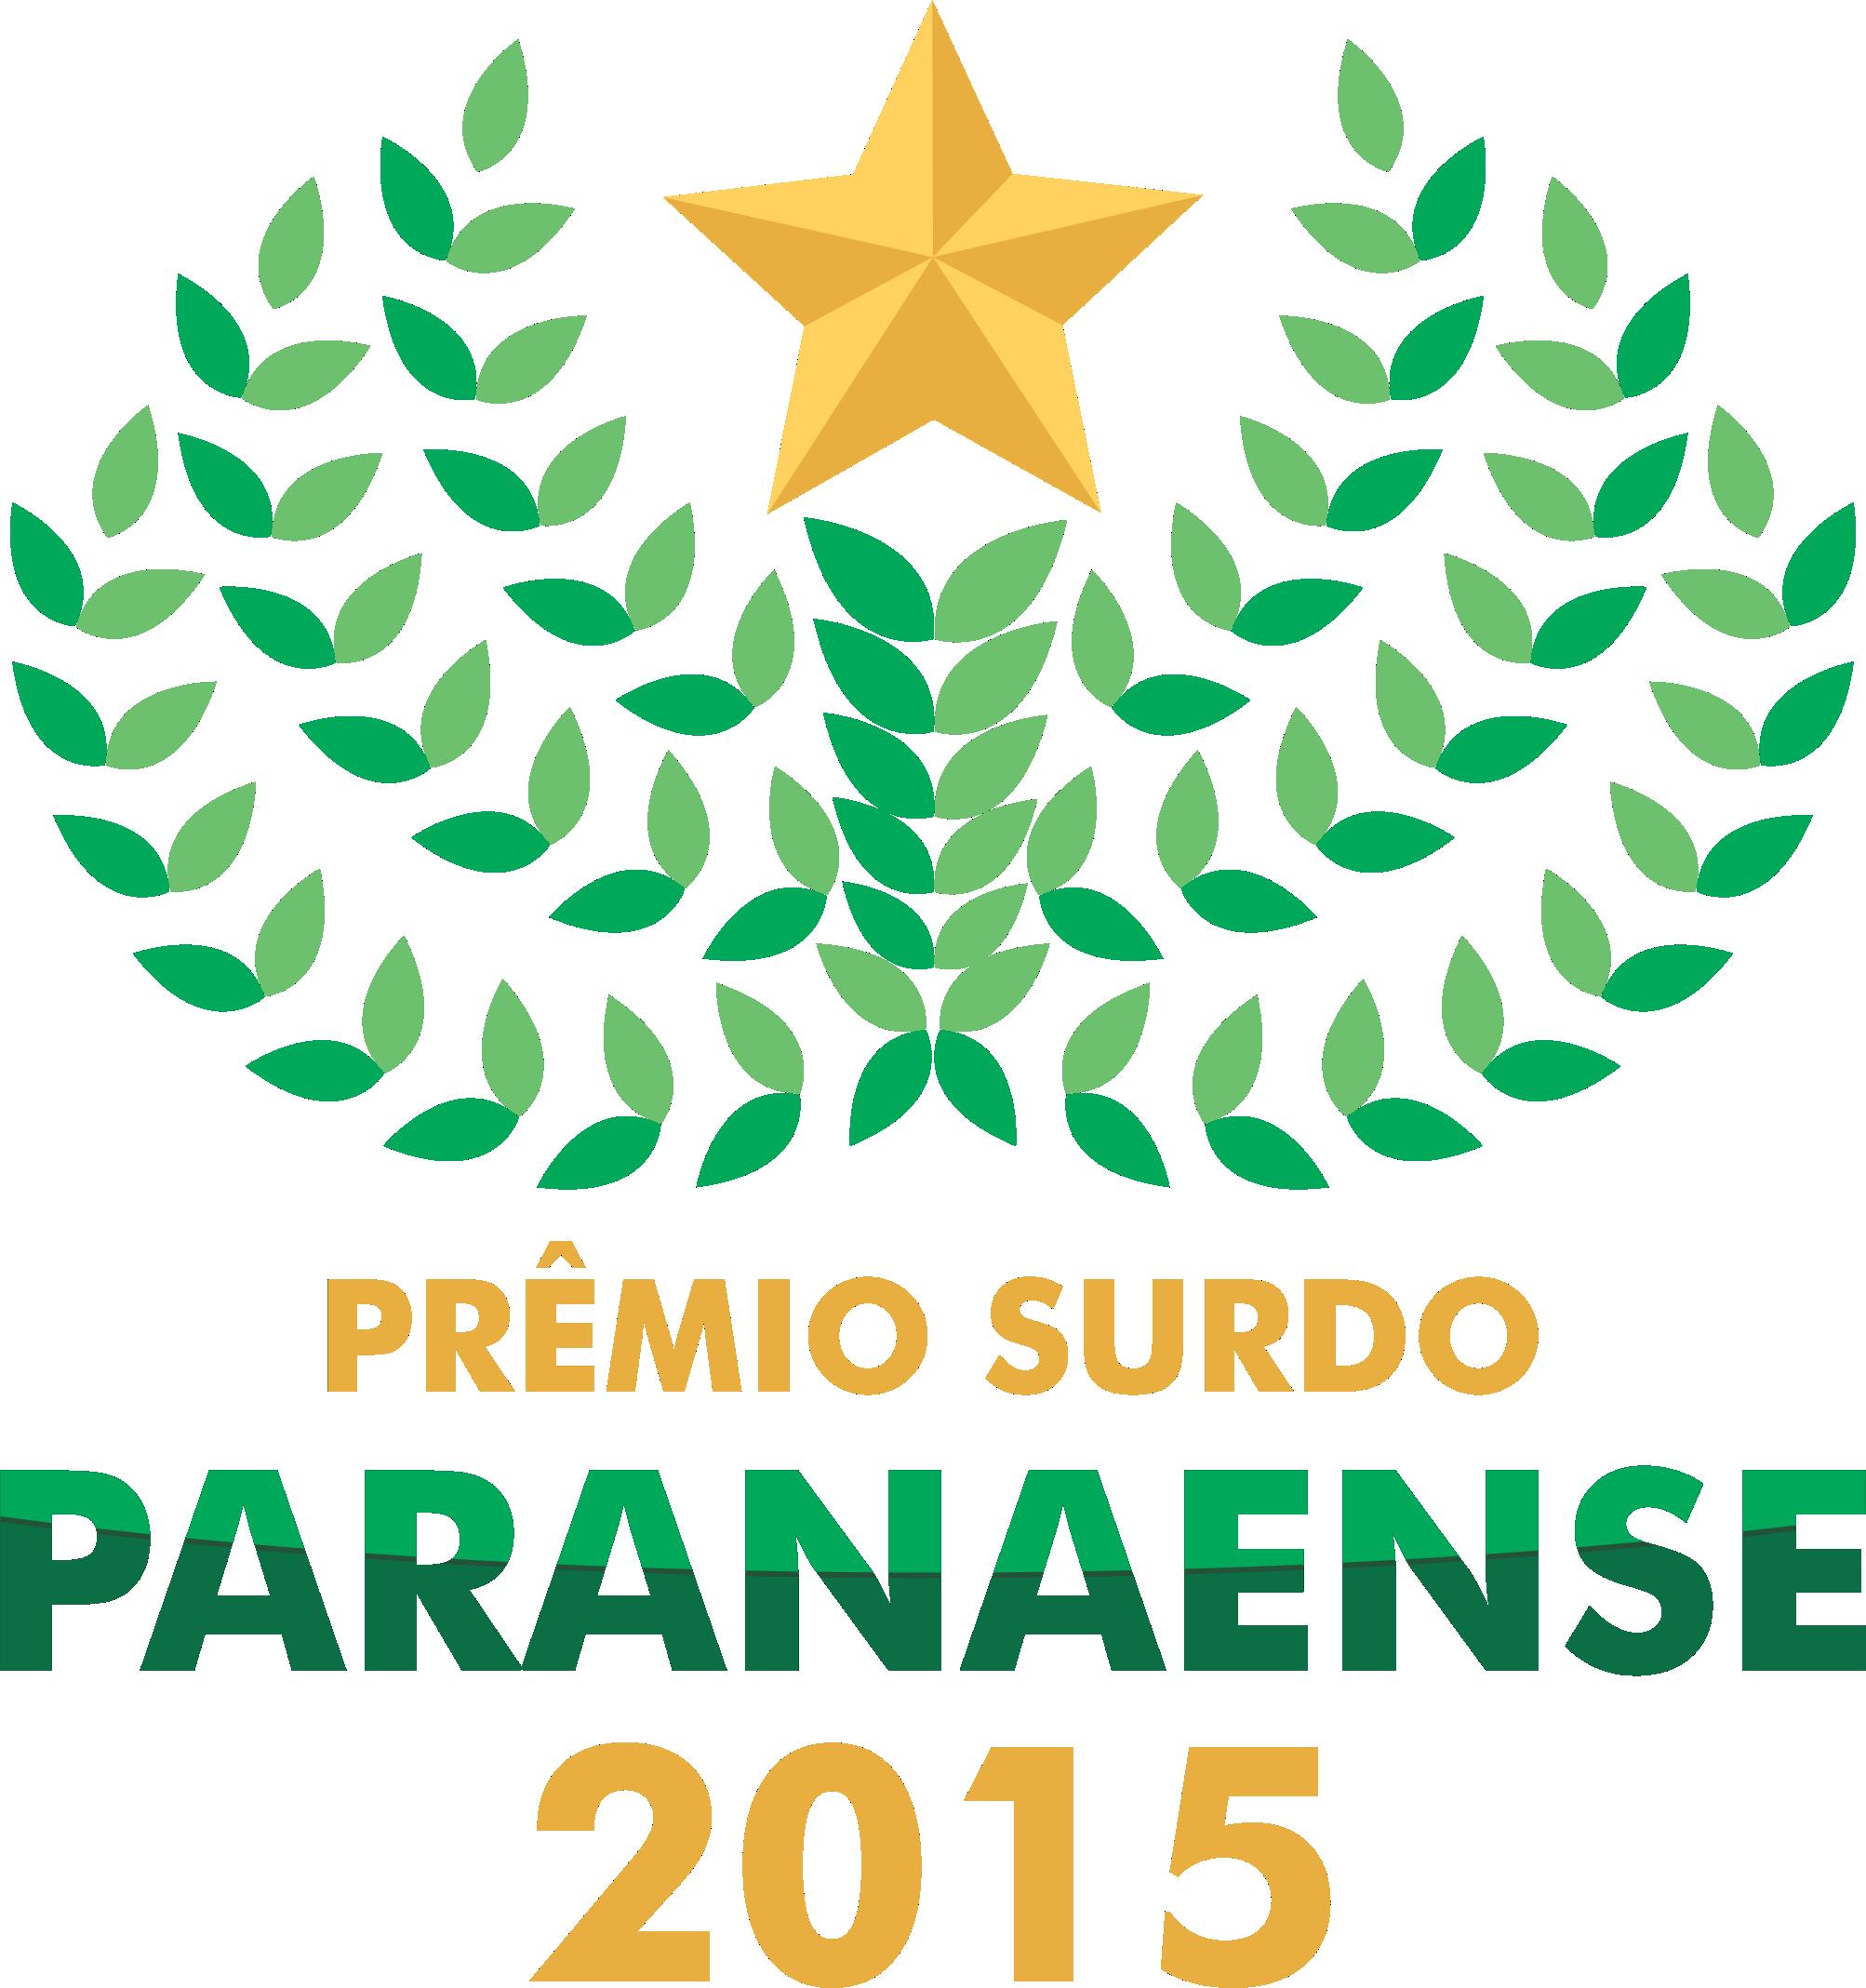 Logotipo Prêmio Surdo Paranaense 2015